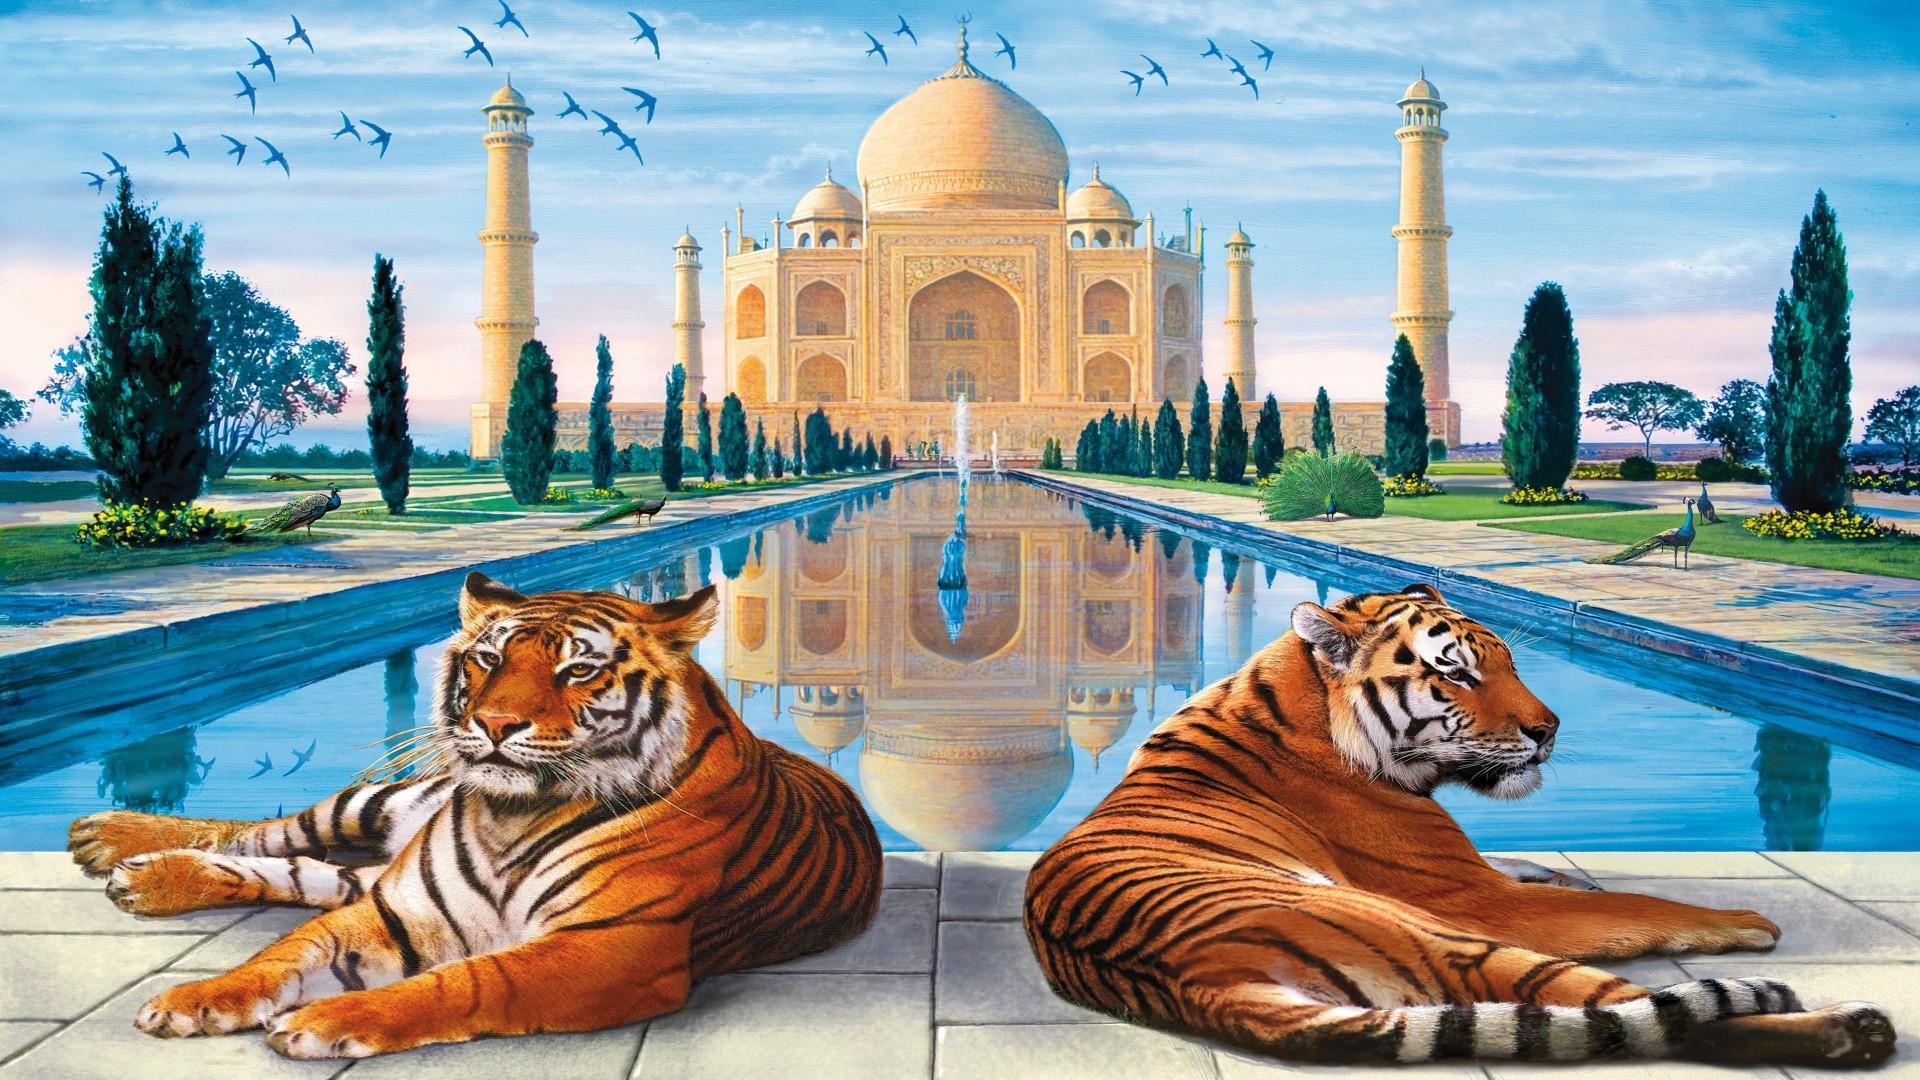 taj mahal wallpaper hd images ten hd wallpaper pictures images 1920x1080